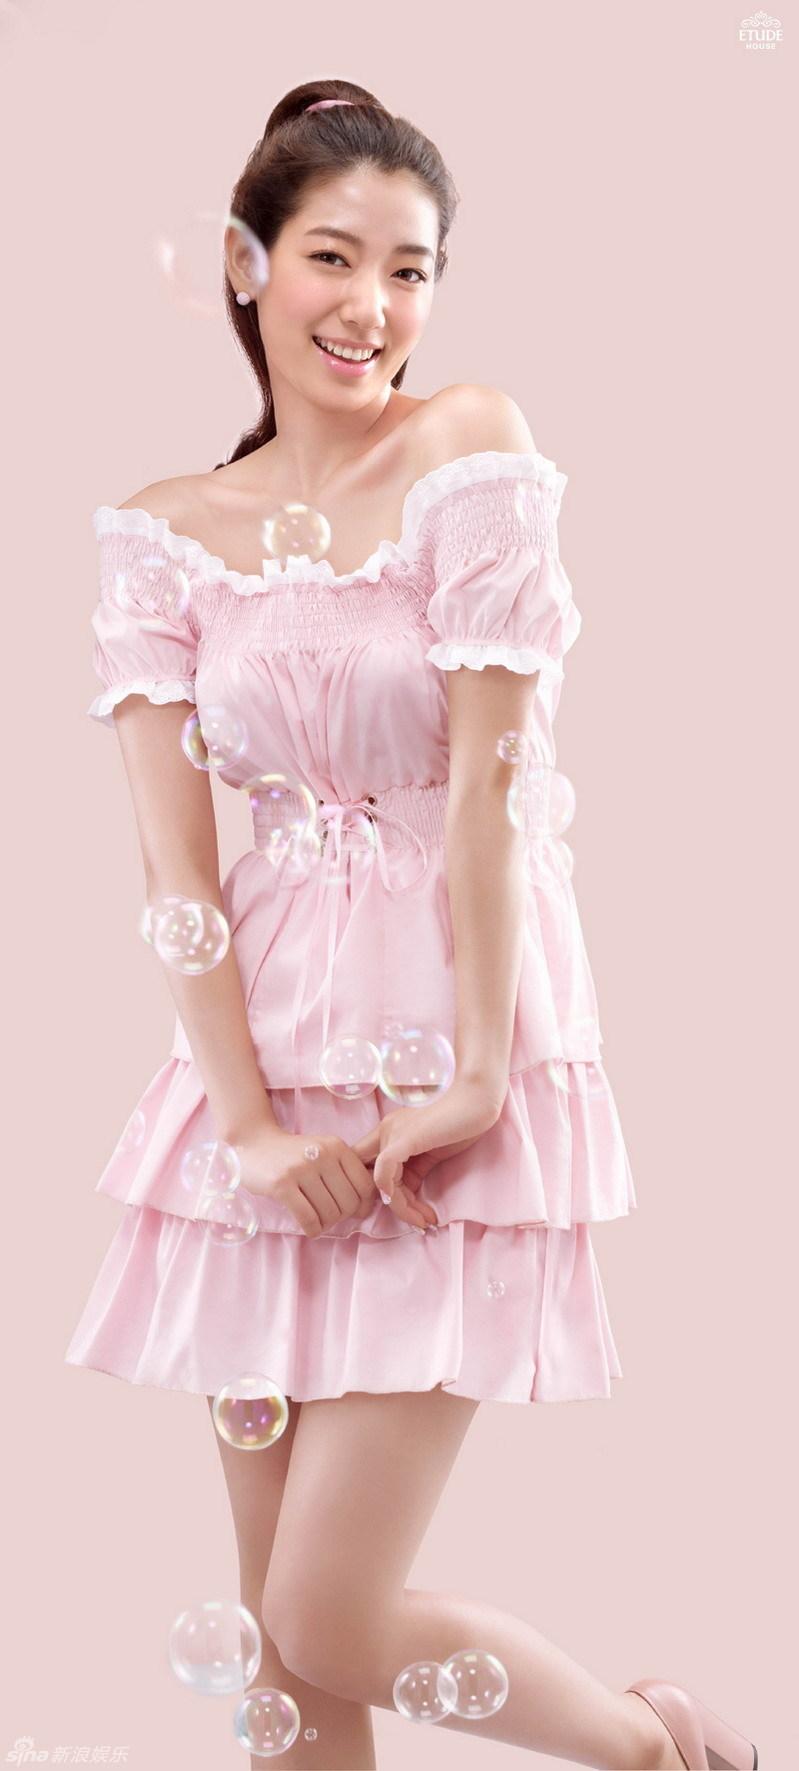 朴信惠少女装扮写真